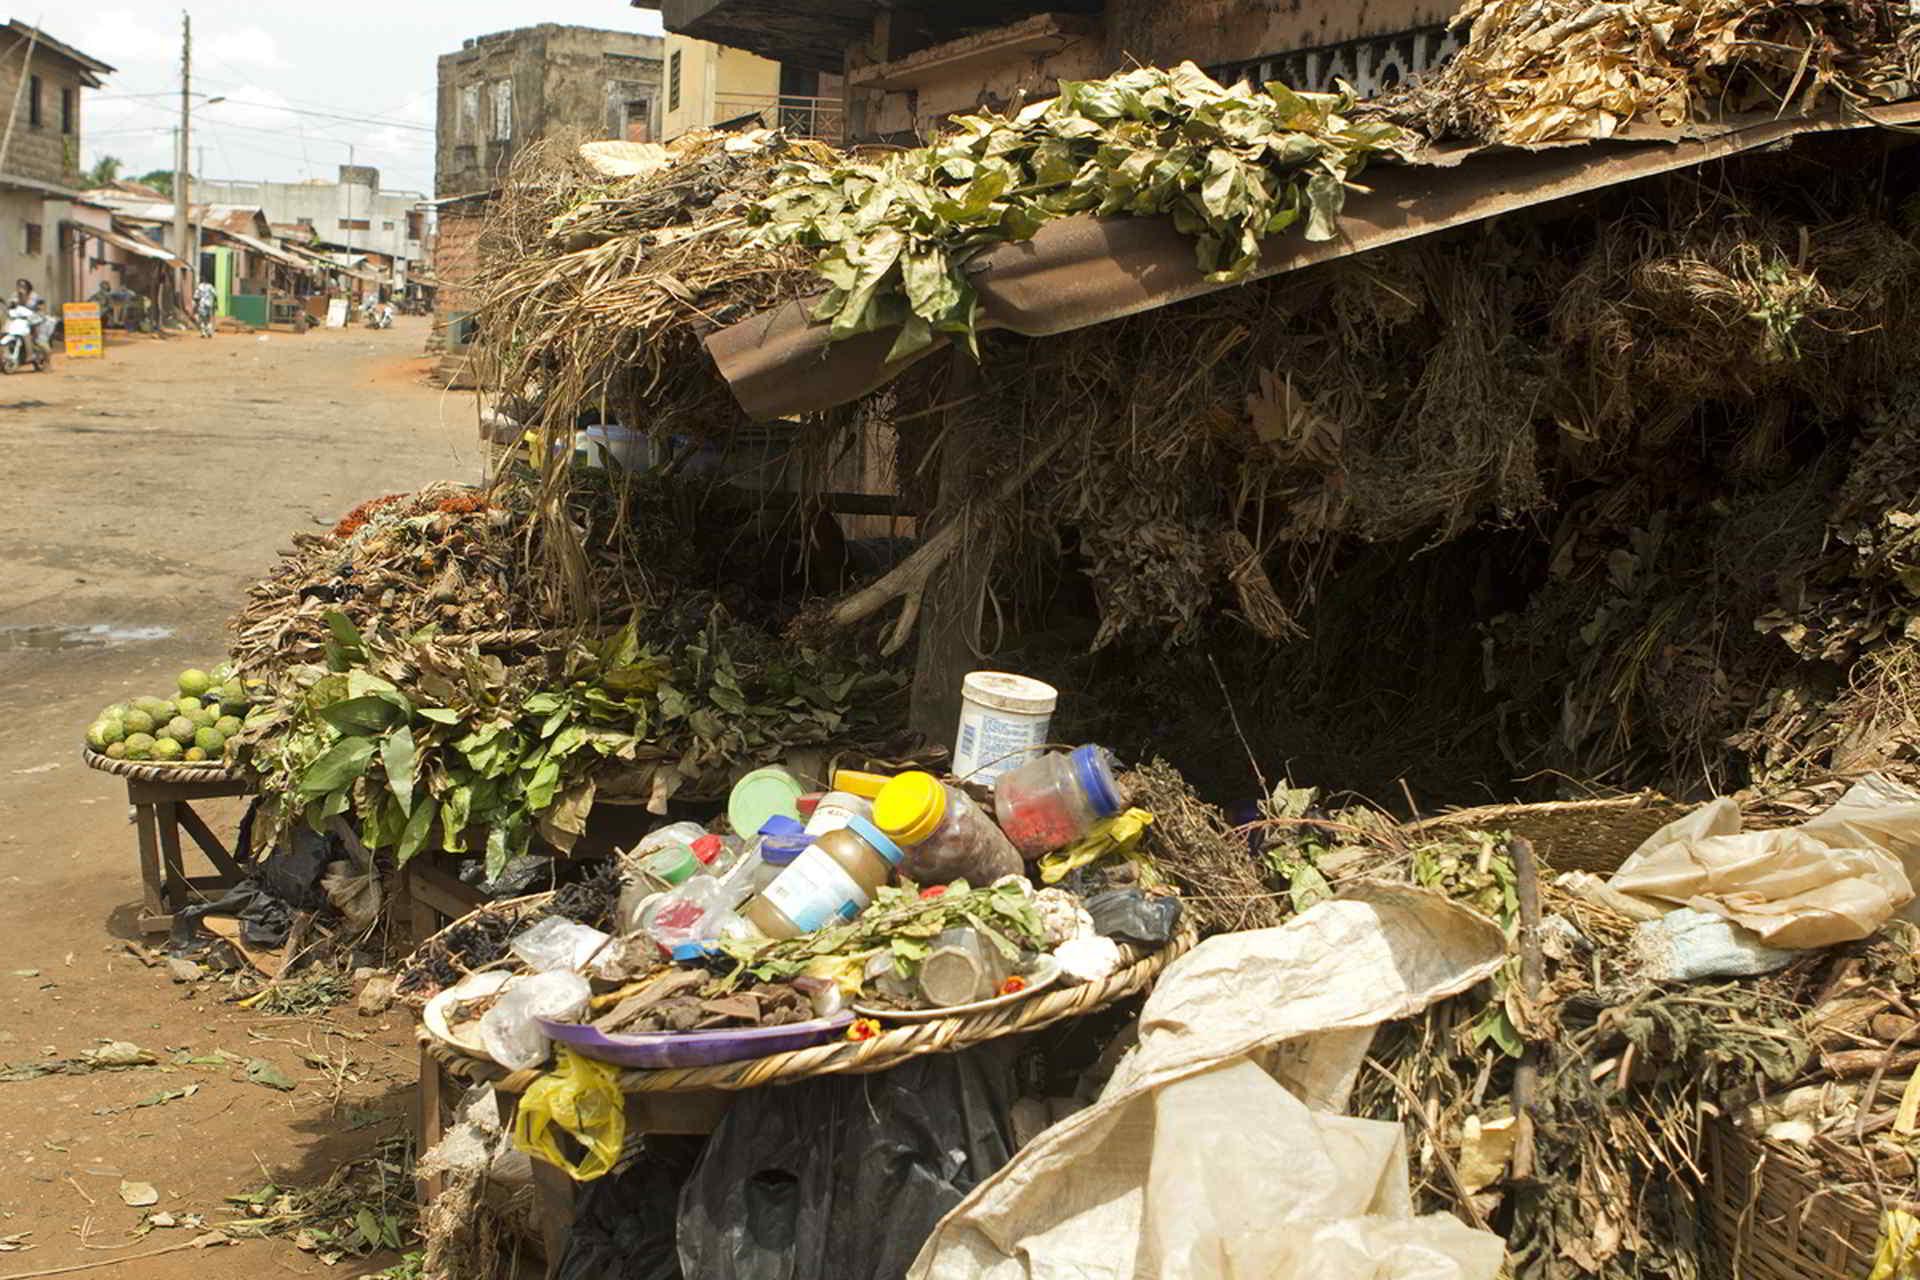 benin2012 - Wyprawa_do_Beninu_-2012_81.jpg